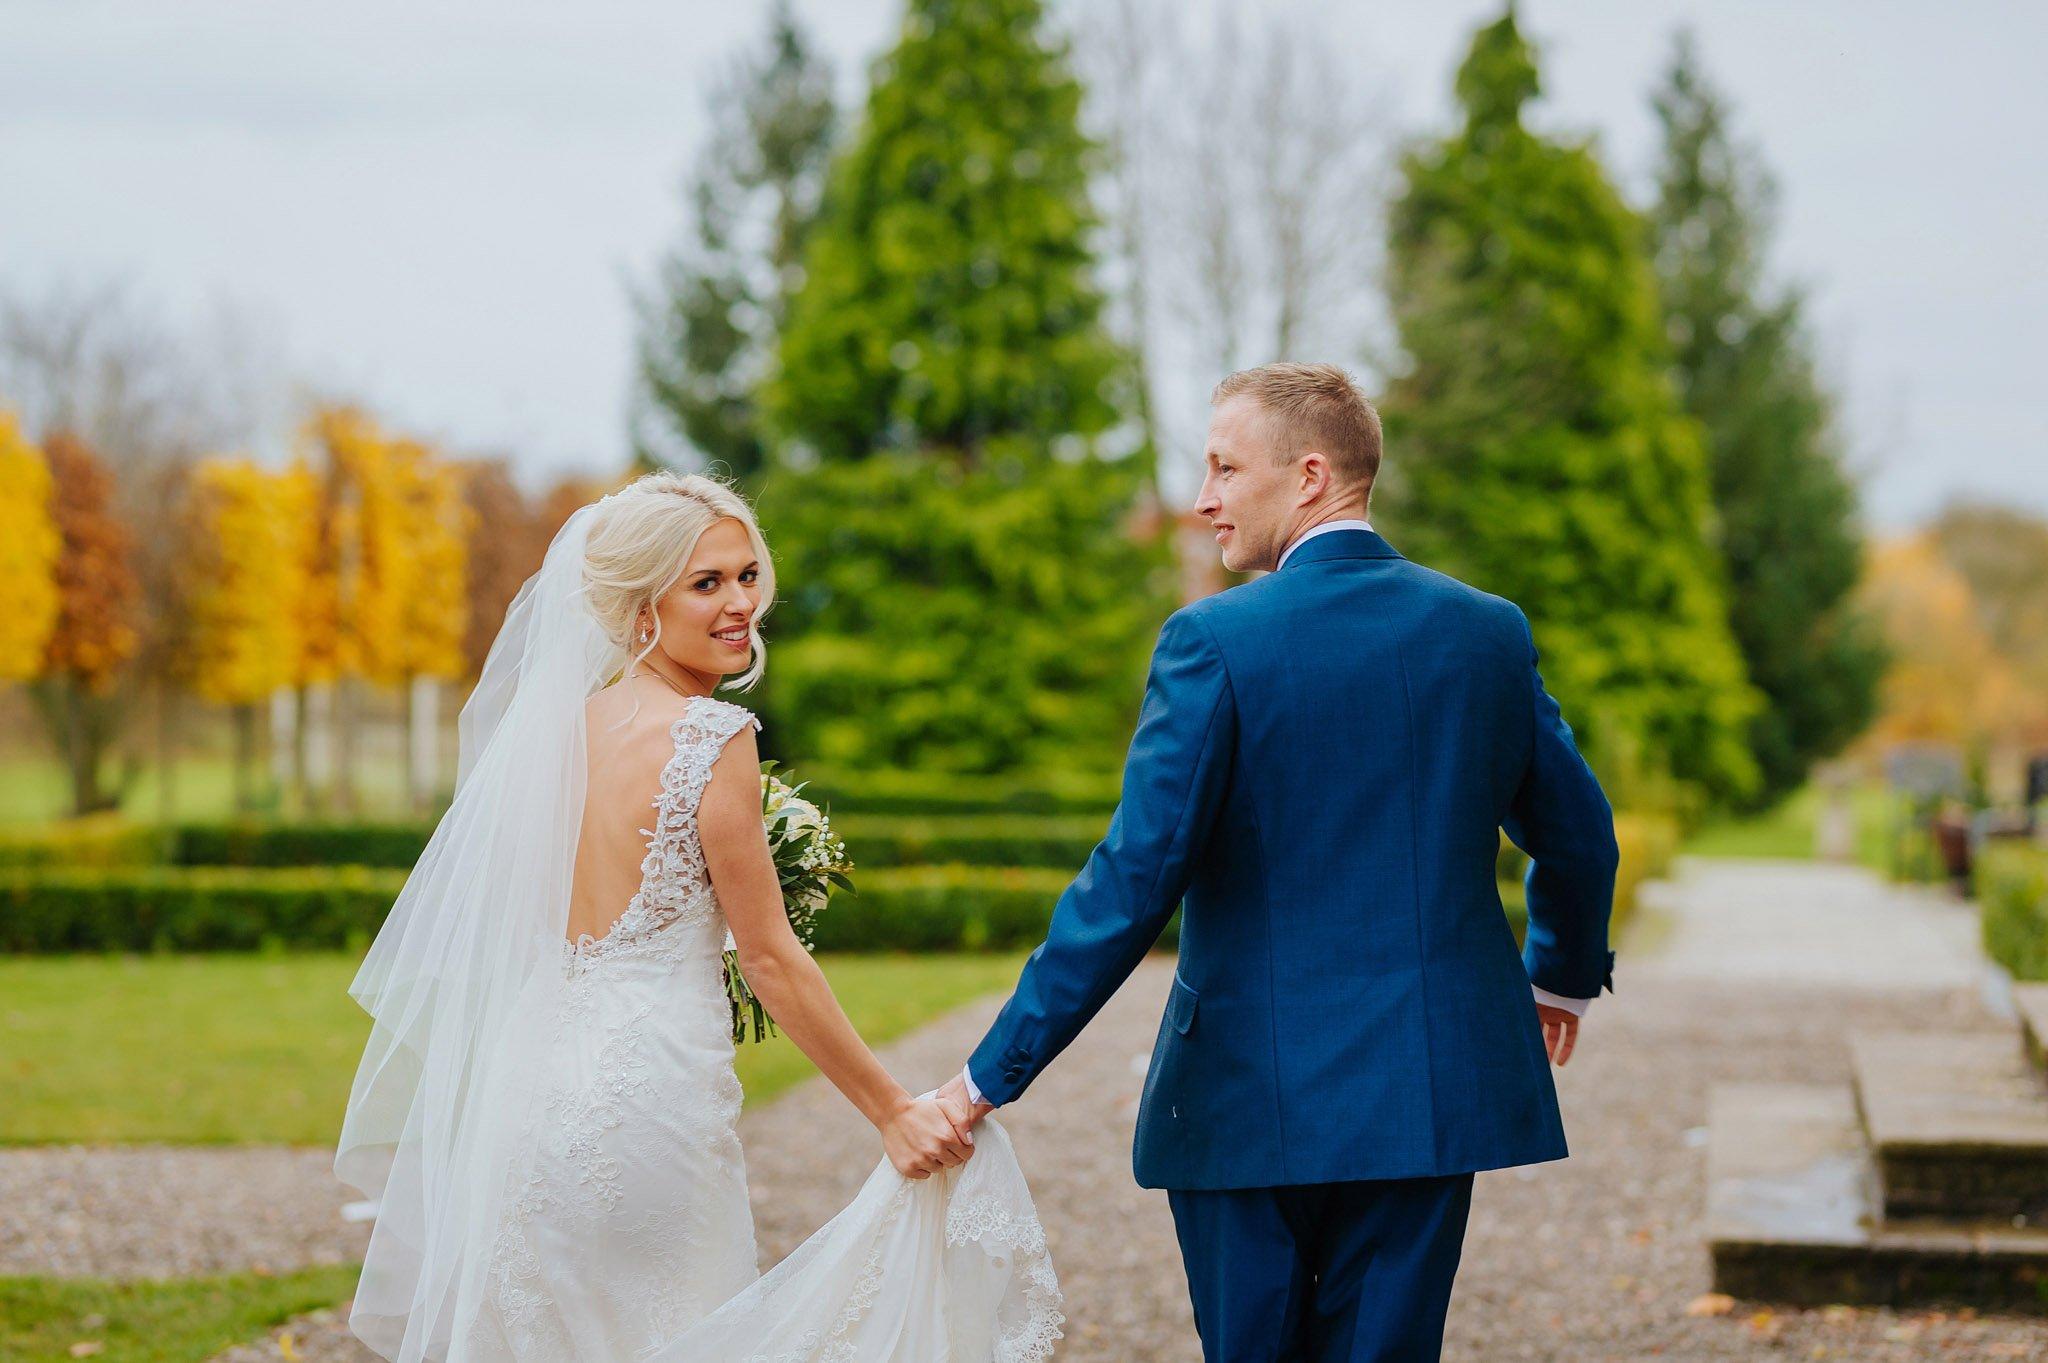 Lemore Manor wedding, Herefordshire - West Midlands | Sadie + Ken 94